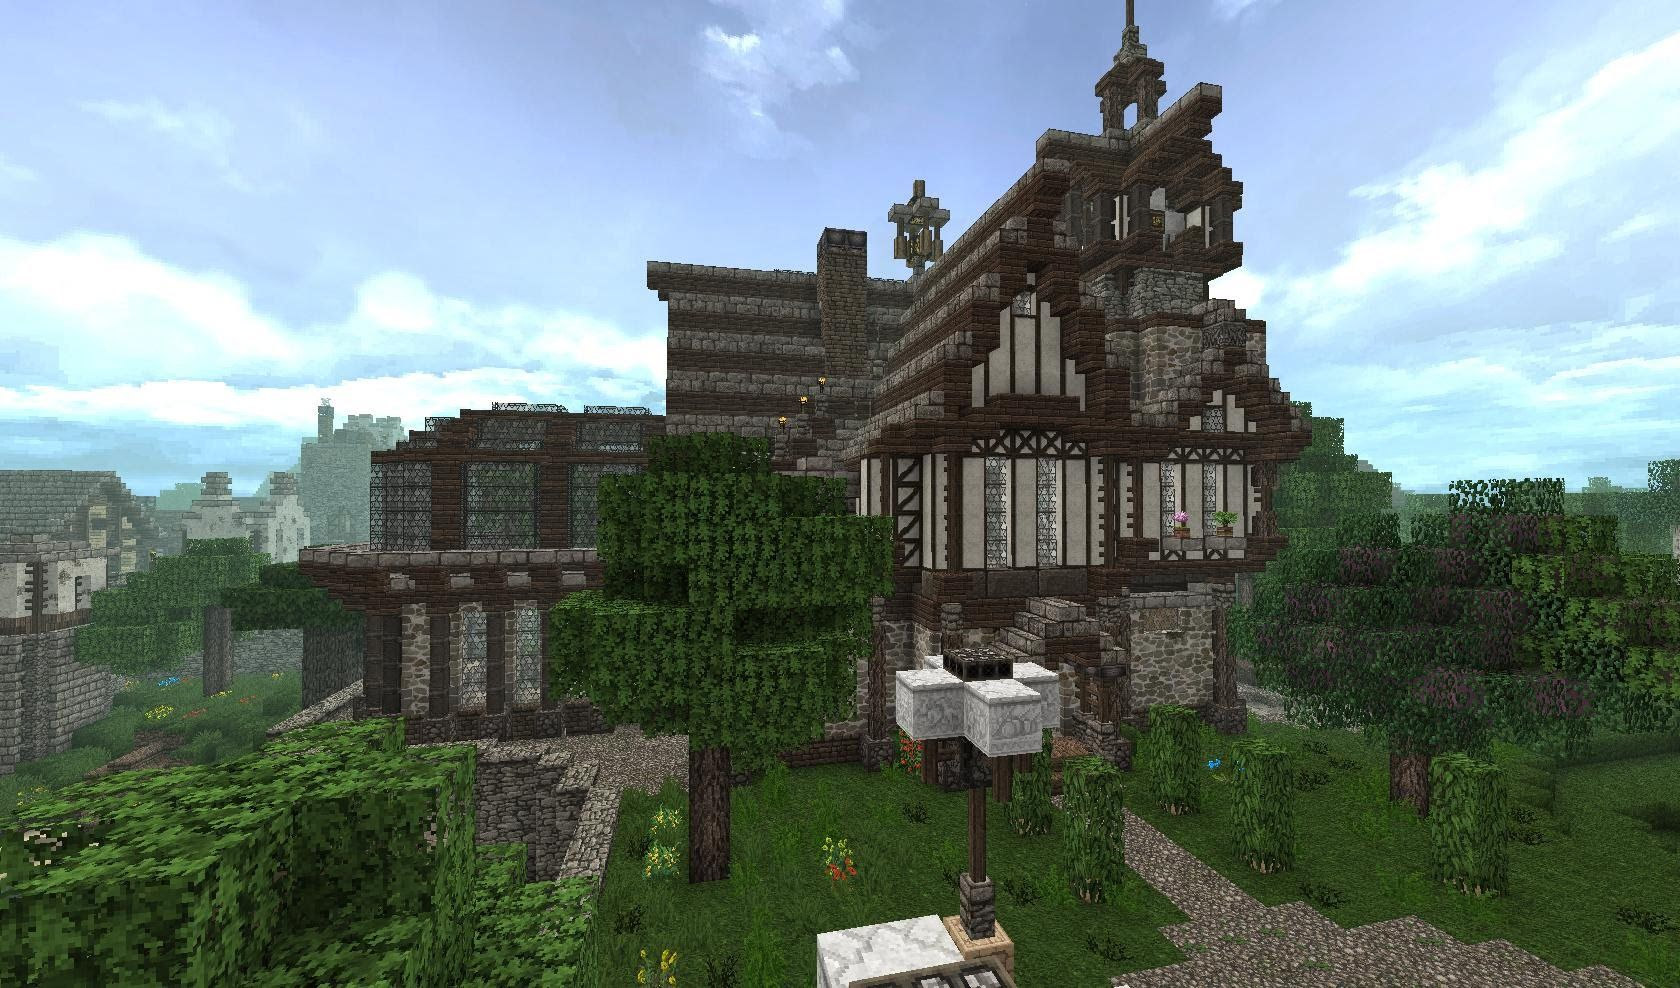 Minecraft Mittelalter Haus Mit Redstonedusche Gotisch - Coole minecraft hauser mittelalter